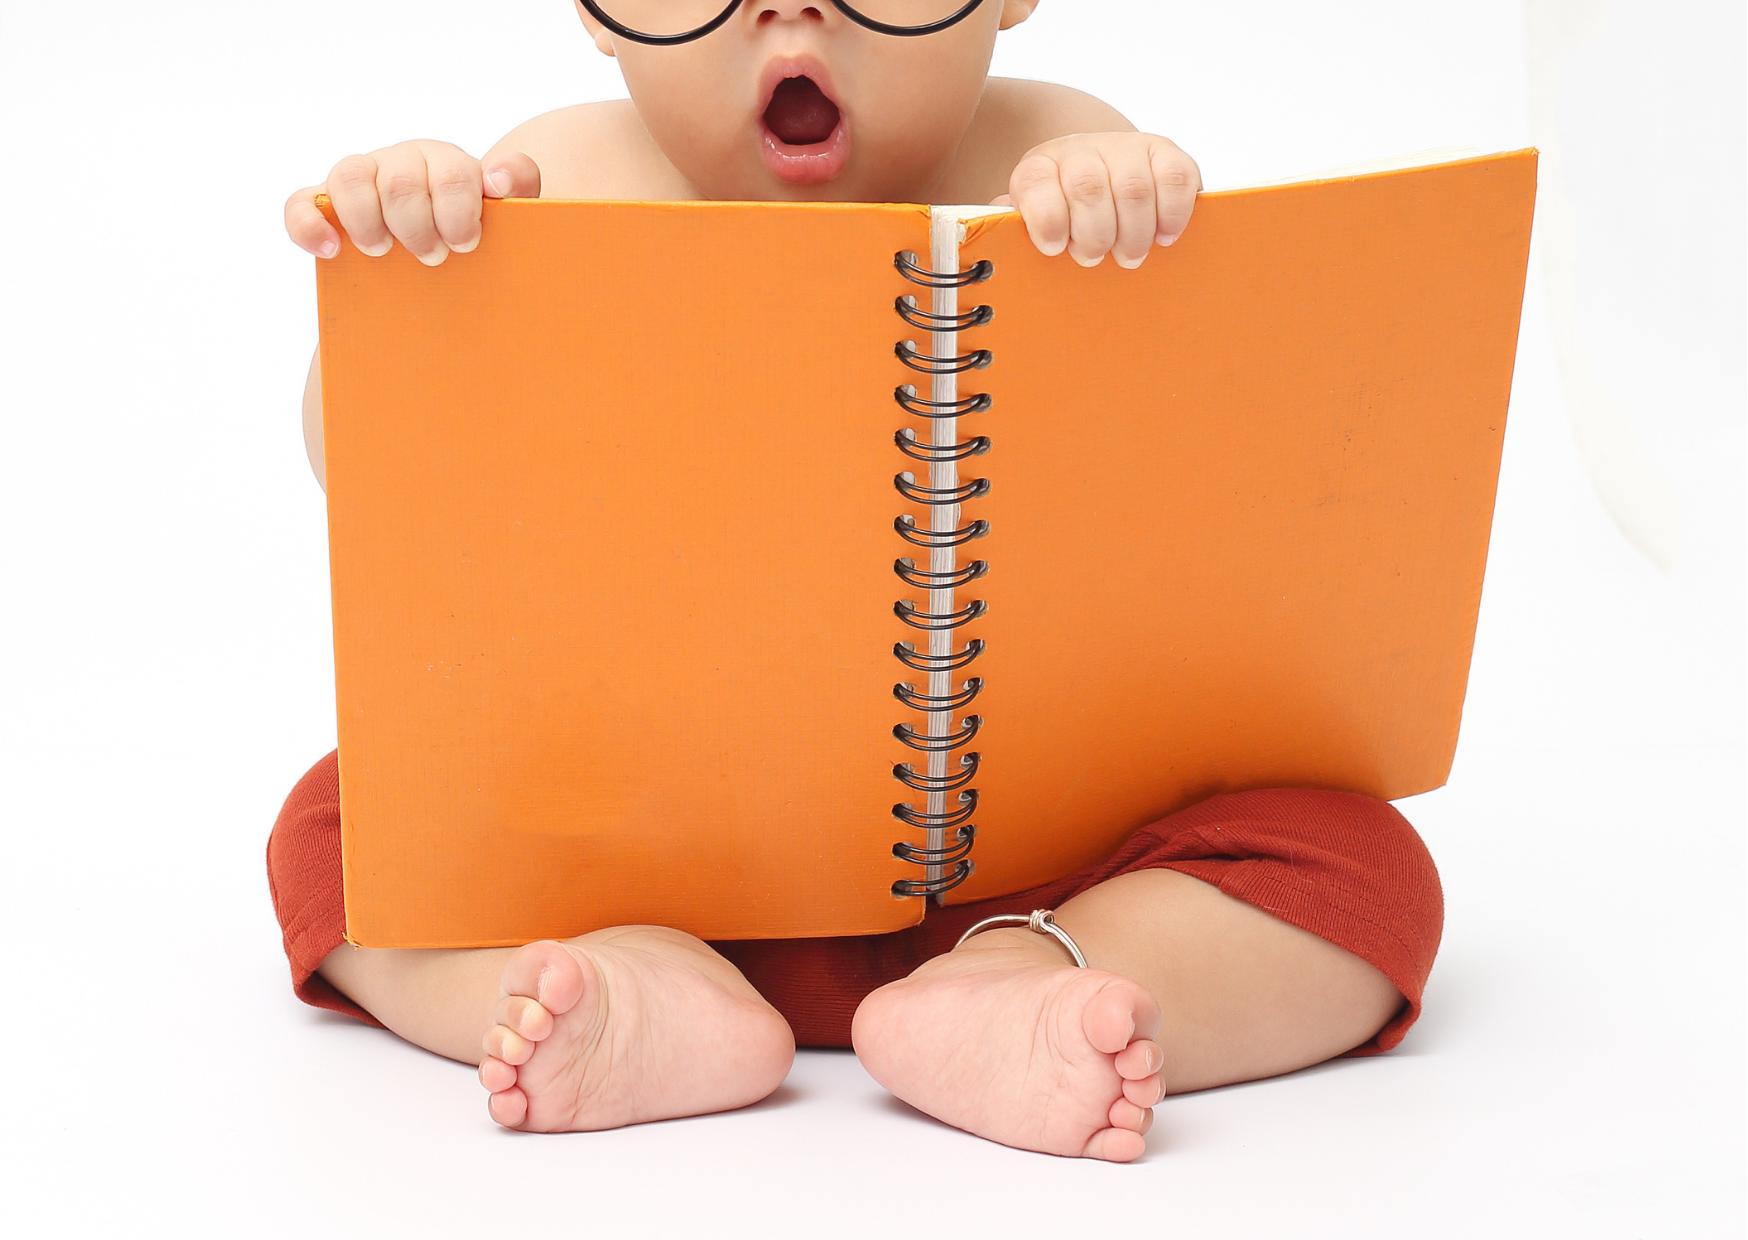 Baby met boekje | 8x taalontwikkeling van je baby stimuleren